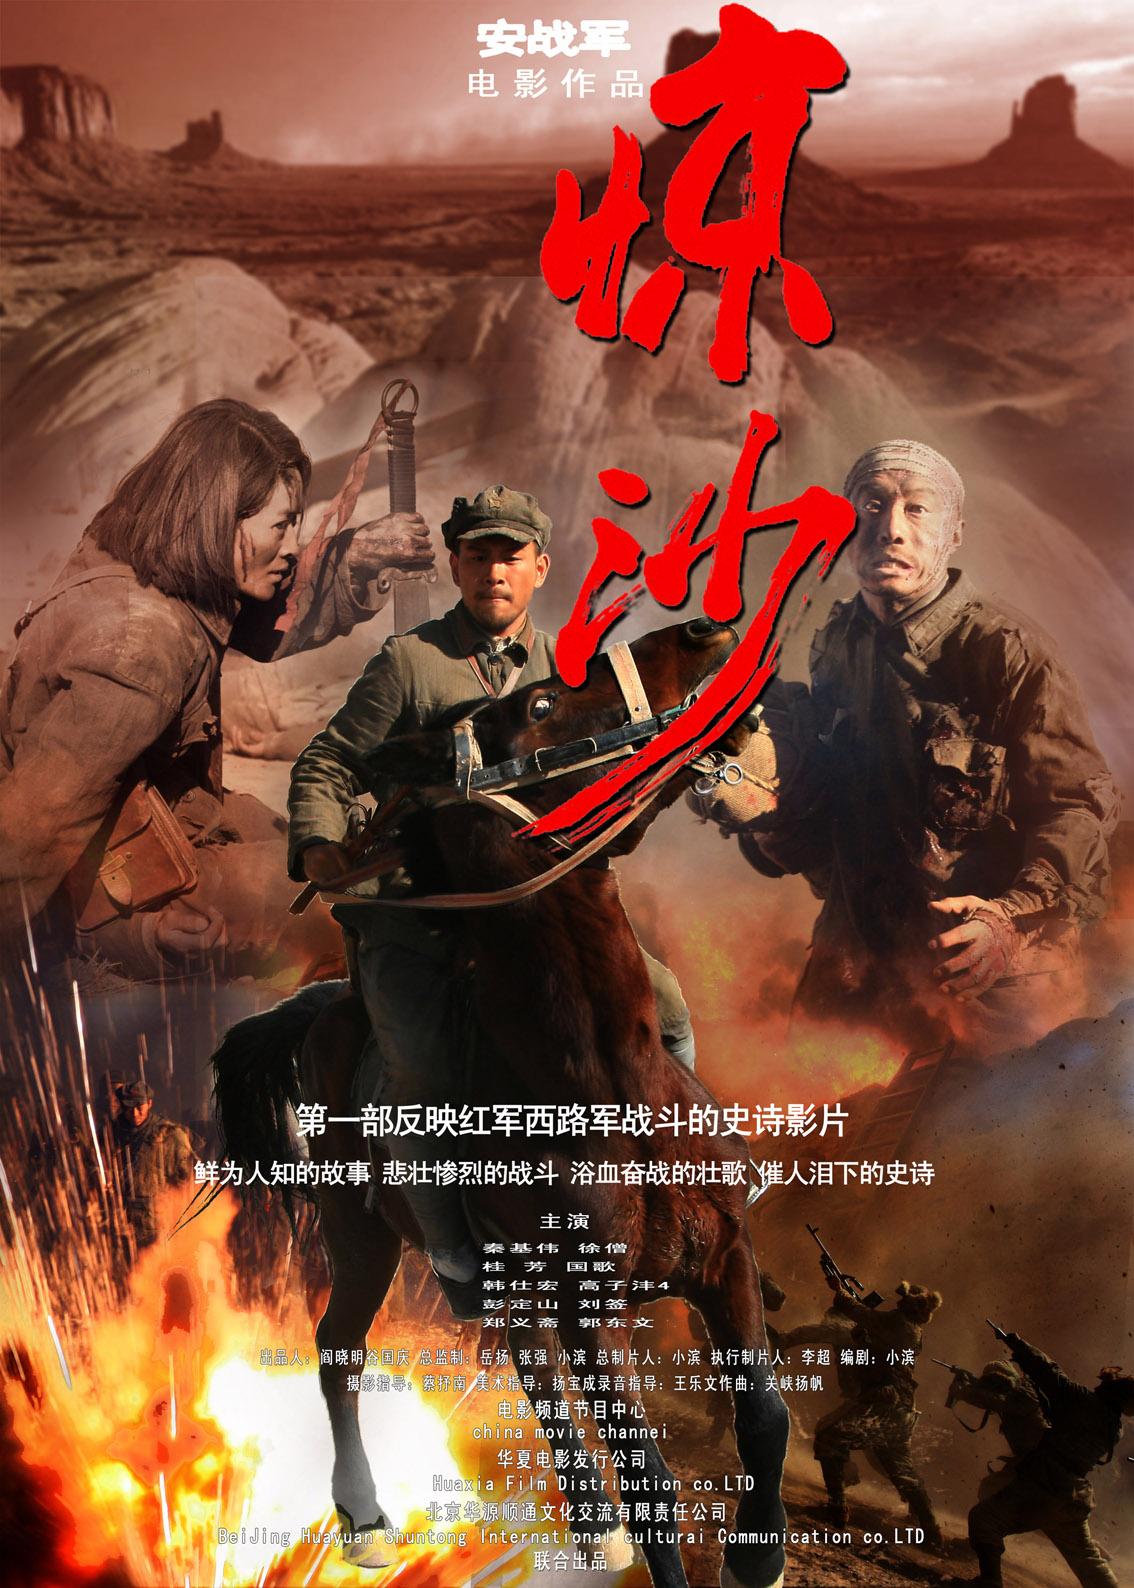 电影海报设计 国产战争大片《惊沙》海报设计- 稿件[#2543287]